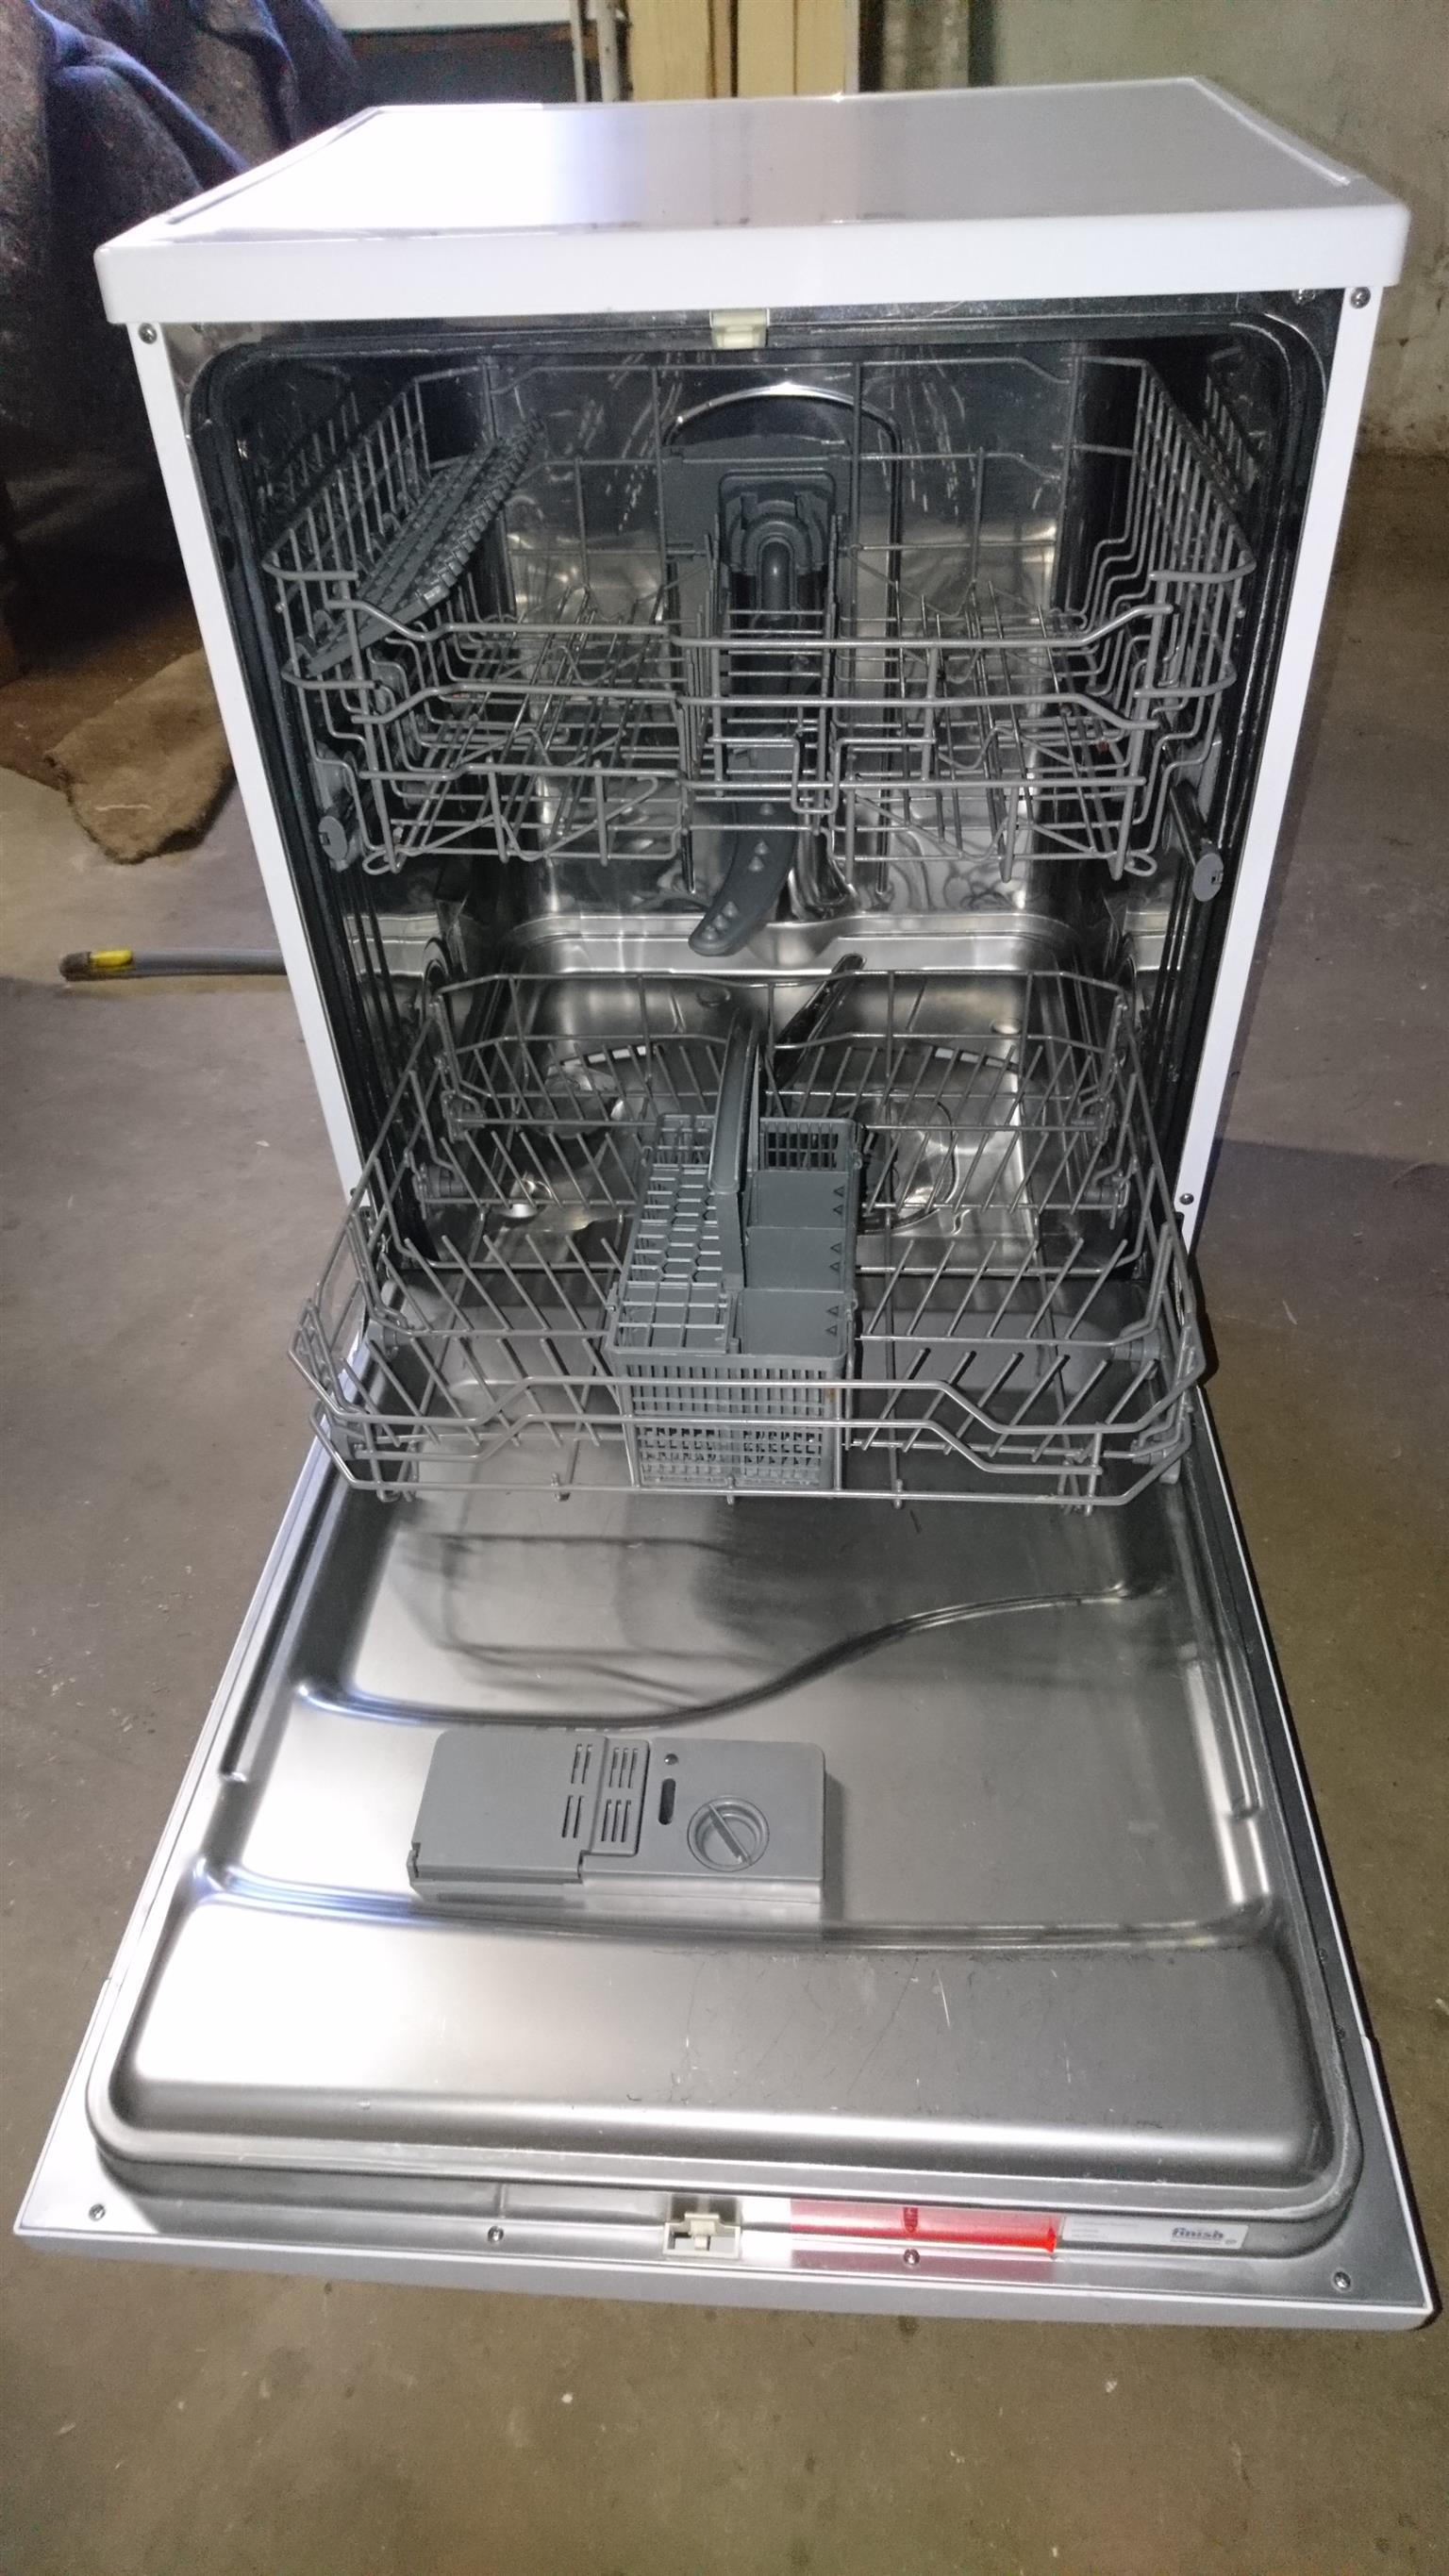 Kelvinator Dishwasher available